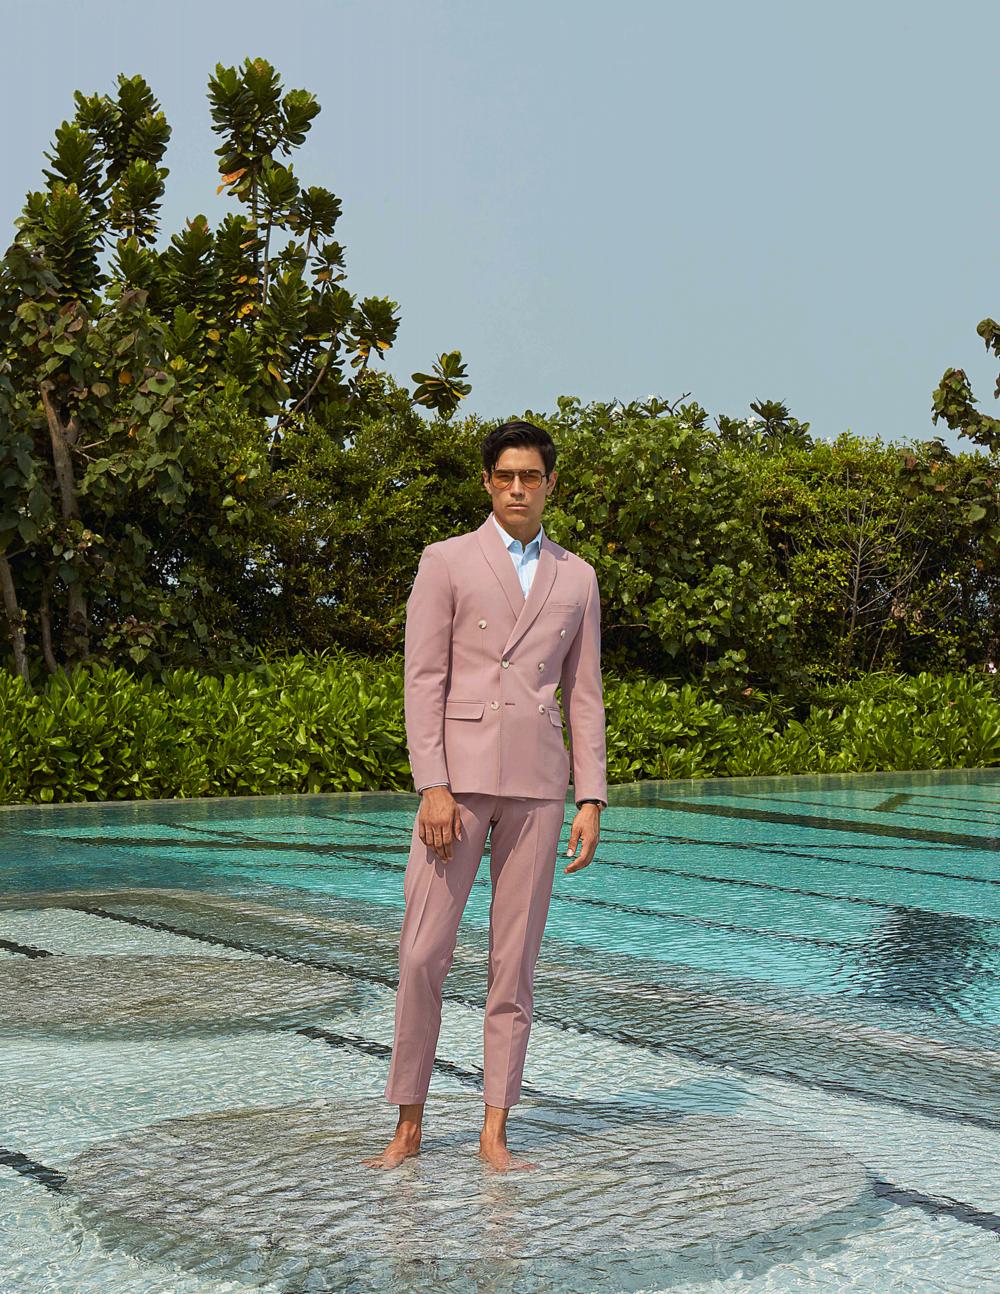 suit : CV_Homme / sunglasses : TAVAT